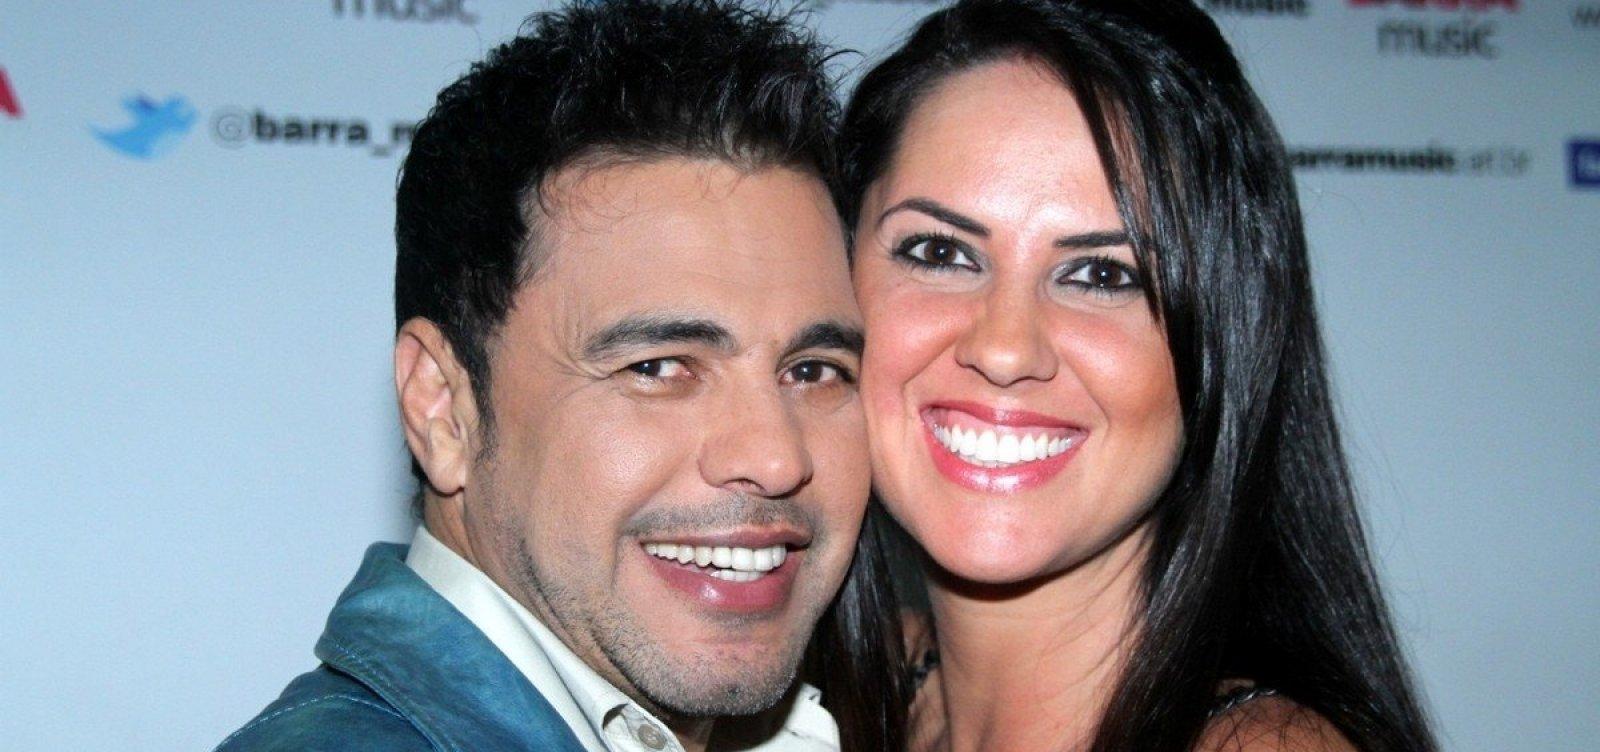 Graciele recusa carro de presente de Zezé di Camargo: 'Quero conquistar com meu dinheiro'